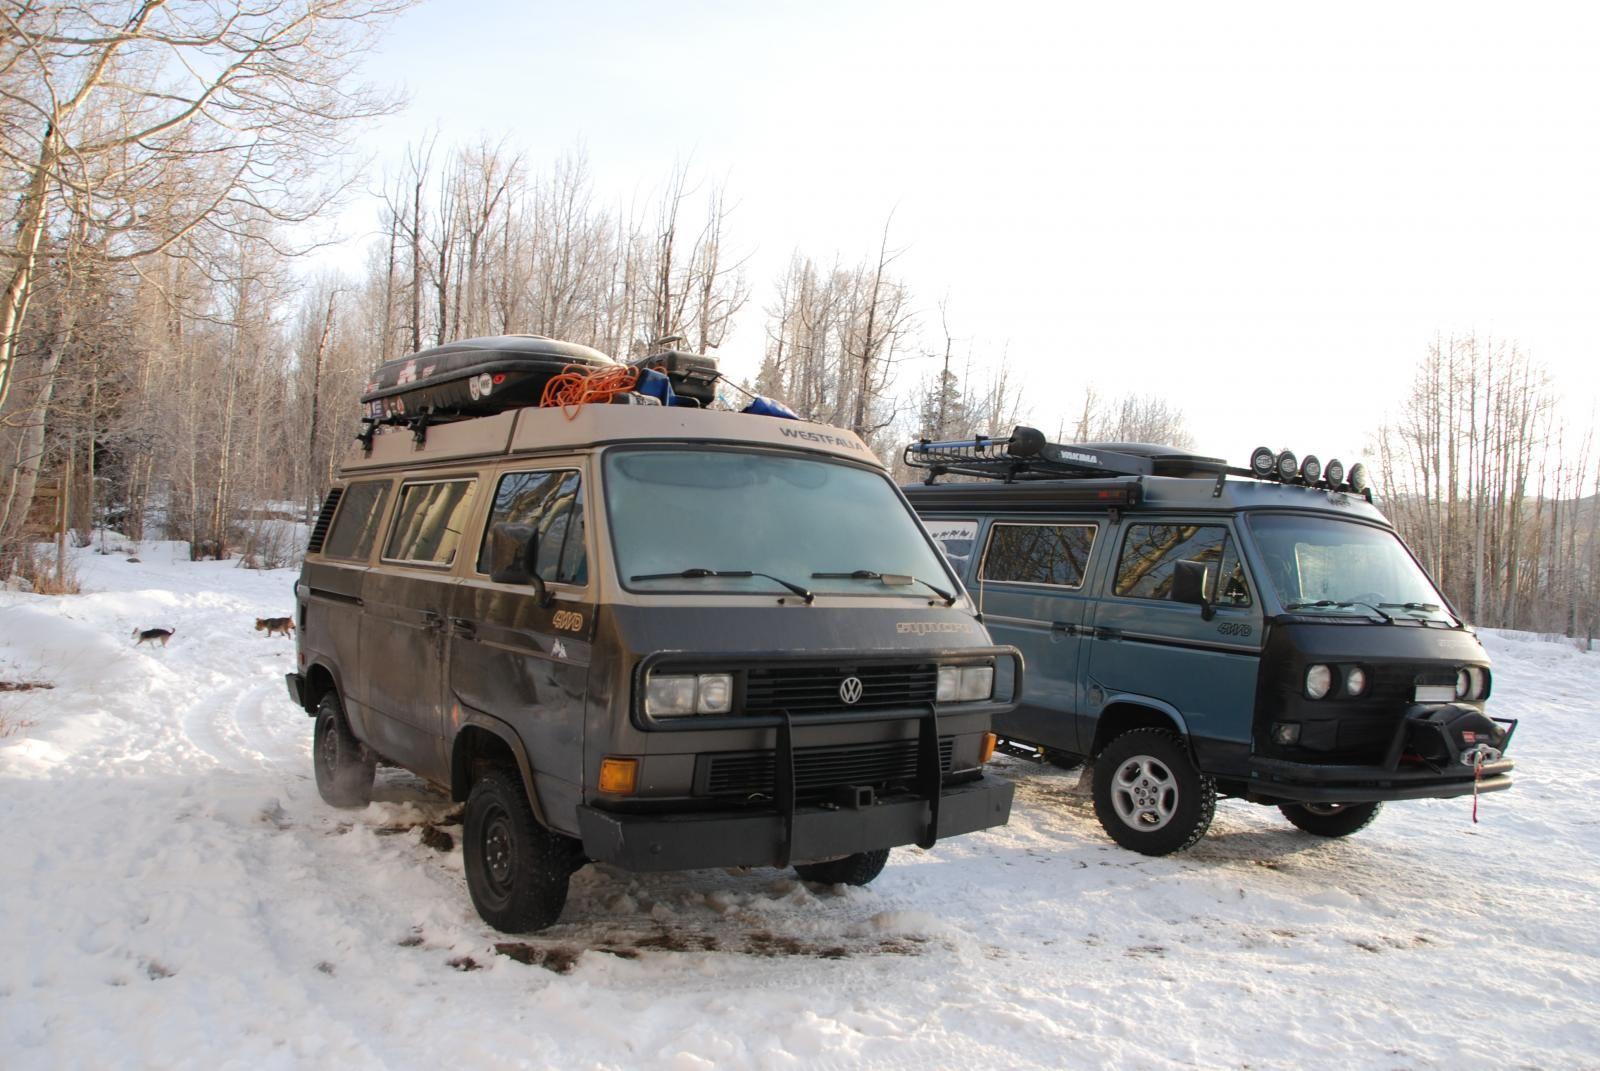 TheSamba.com :: Gallery - Colorado Snow